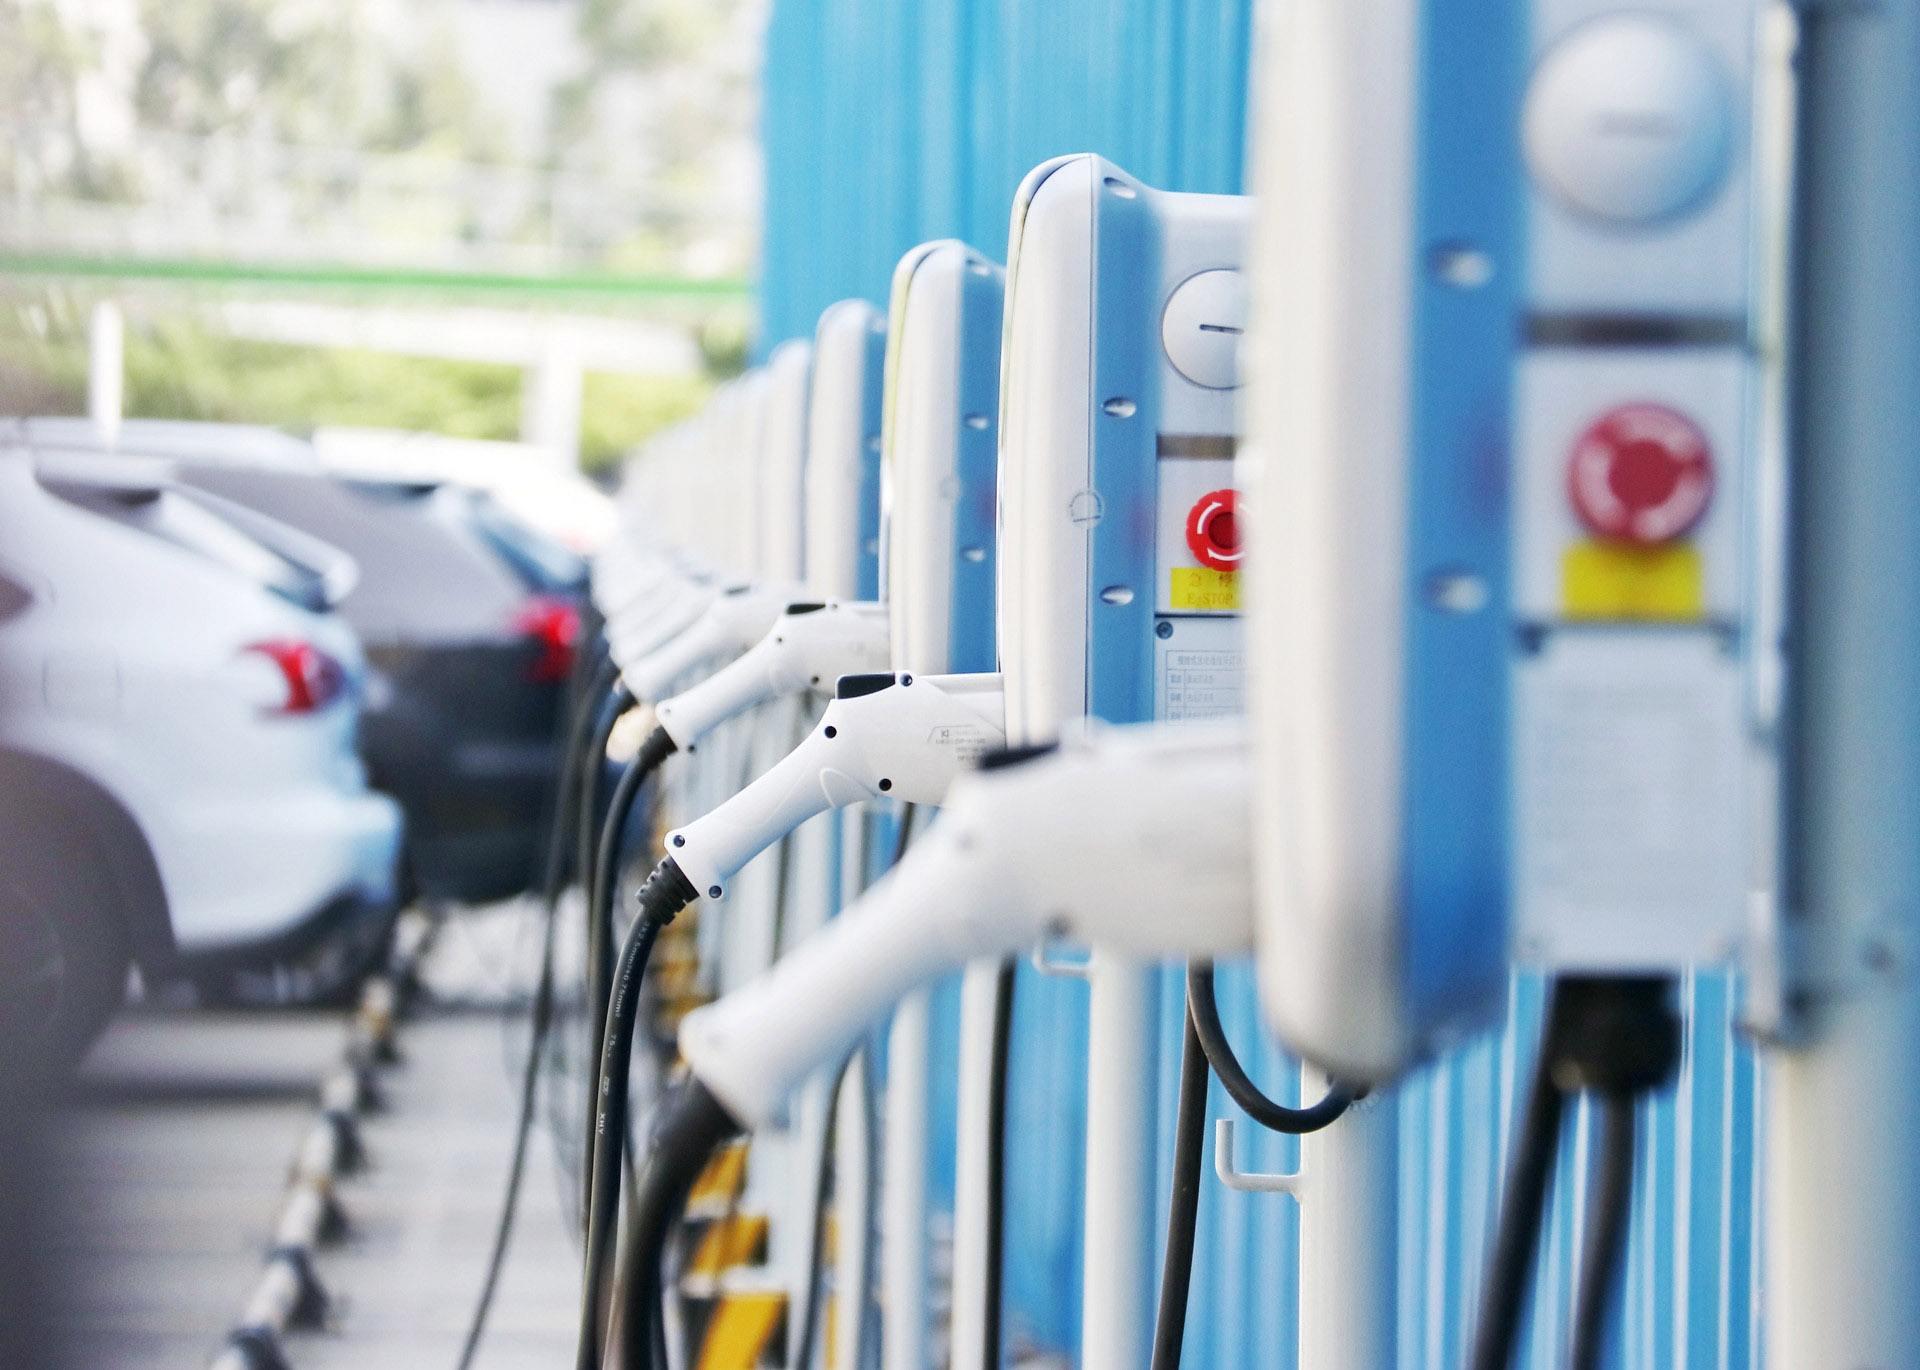 国家能源局:我国电动汽车充电桩已建成近73万个